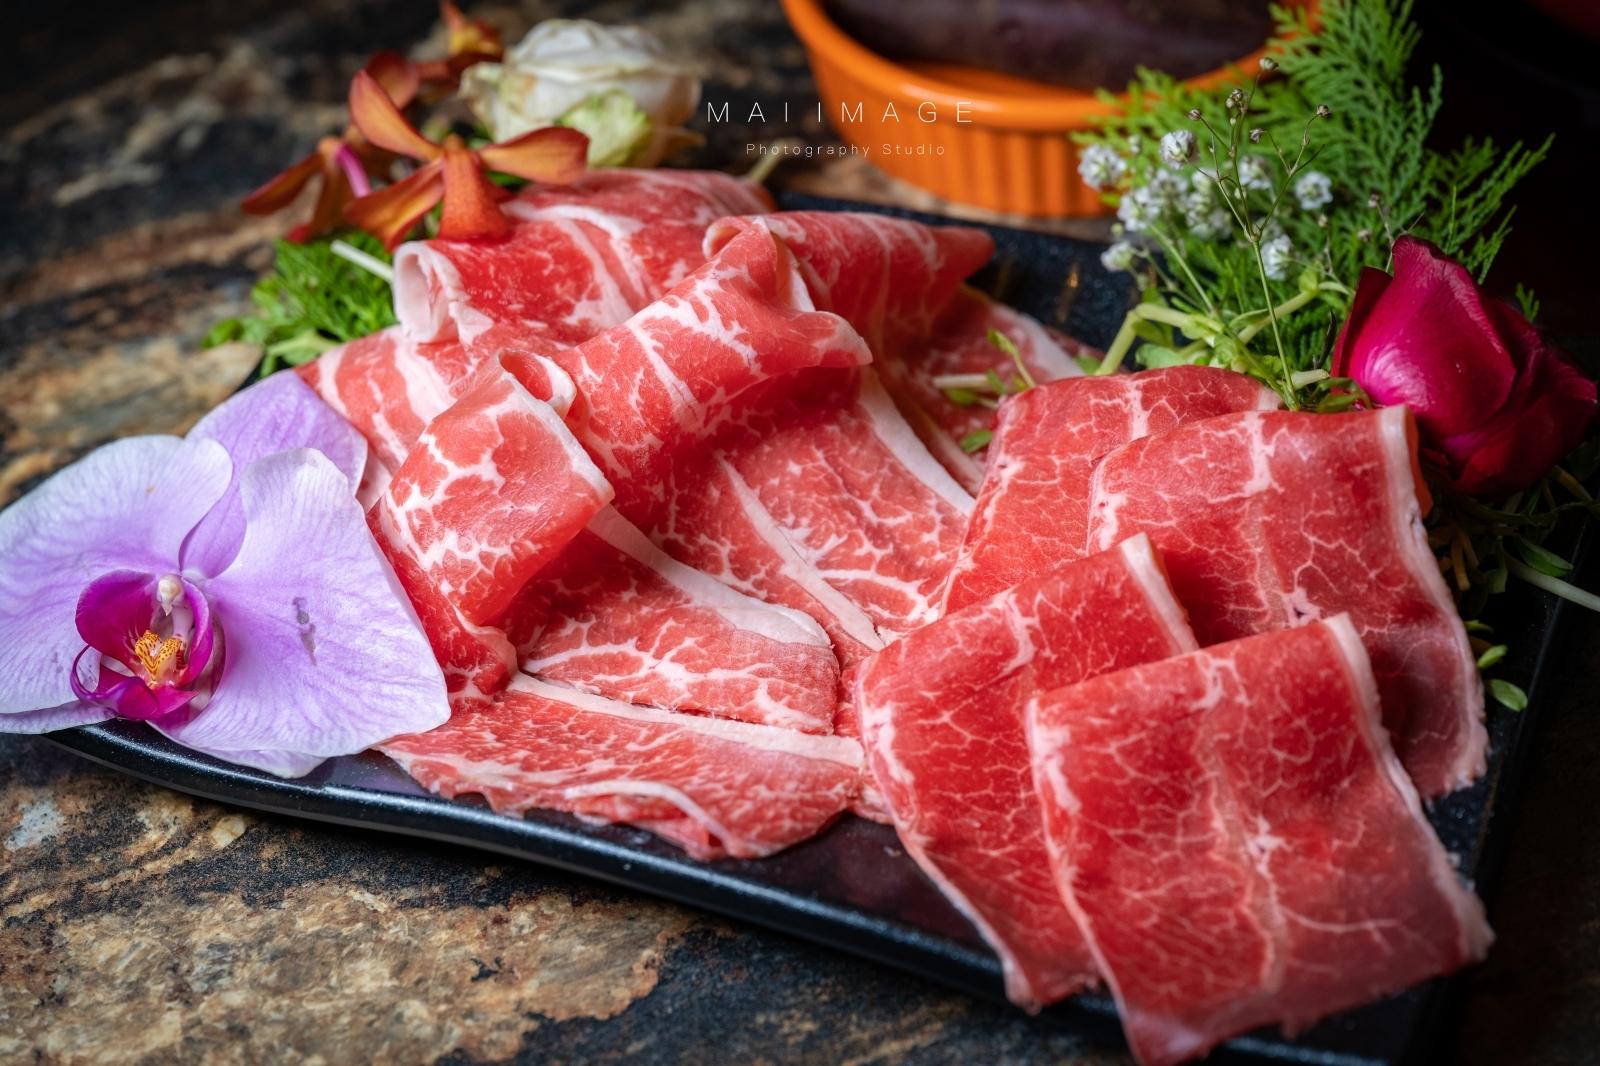 老闆虧大了,日本和牛吃到飽只要1388,這火鍋美到捨不得吃,台北必訪網紅火鍋店在民生東路開分店了!|台灣有機涮涮鍋